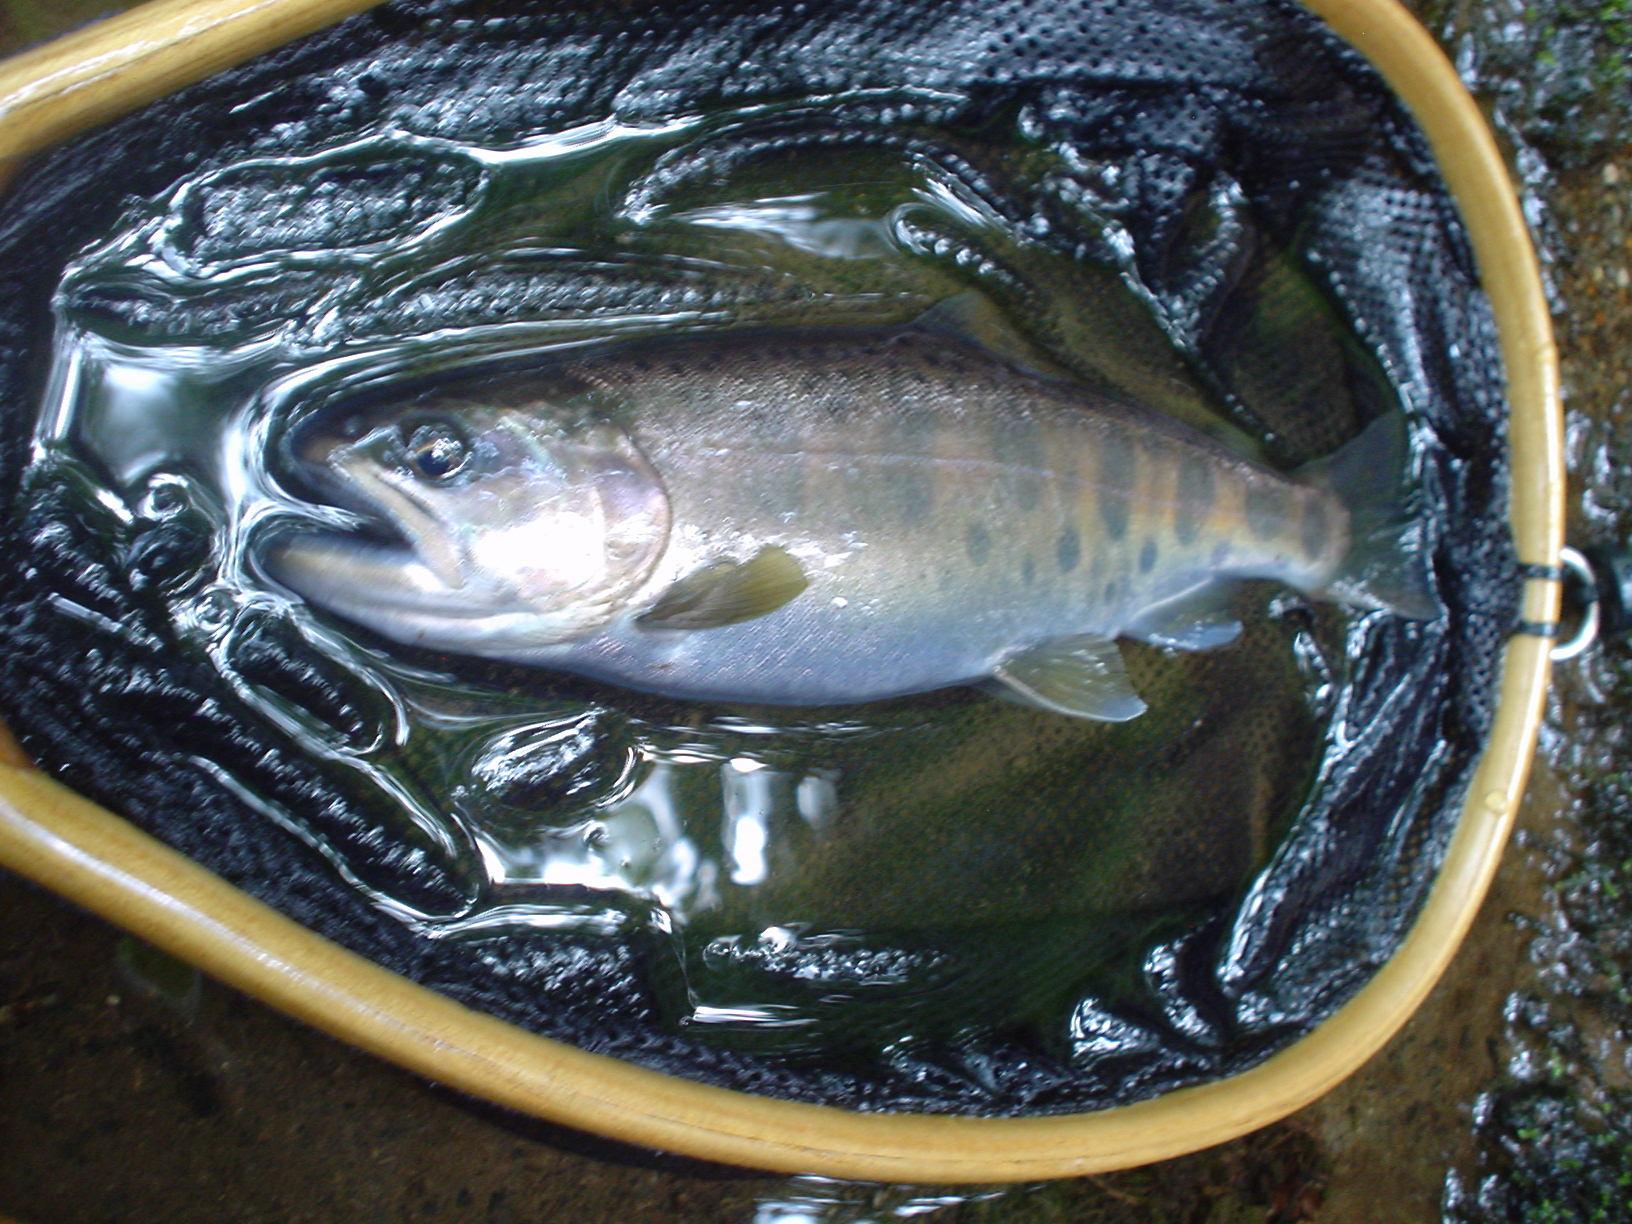 8月21日(金)の釣り日記_f0280717_20134260.jpg